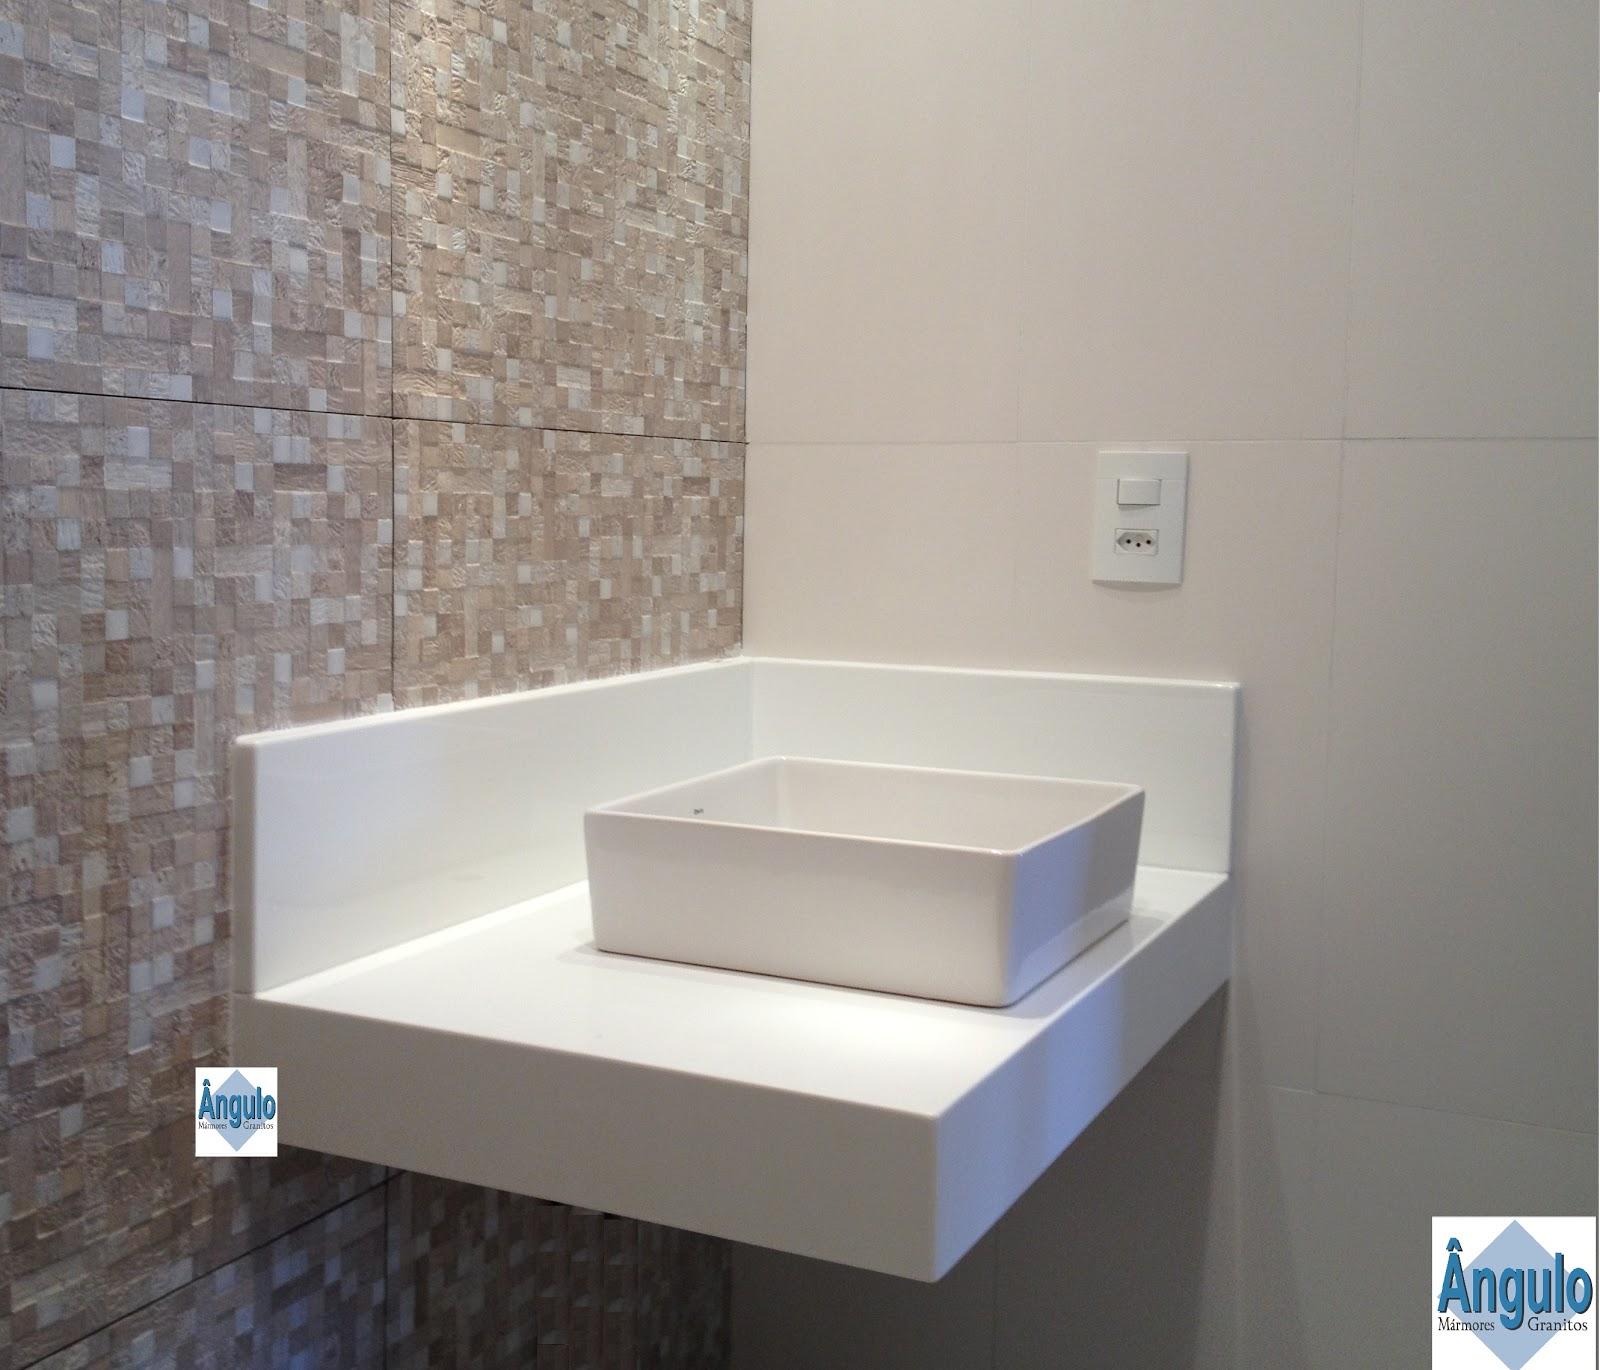 Essas bancadas lindas e branquíssimas são feitas de Nanoglass! Já  #446387 1600x1370 Bancada Banheiro Resina